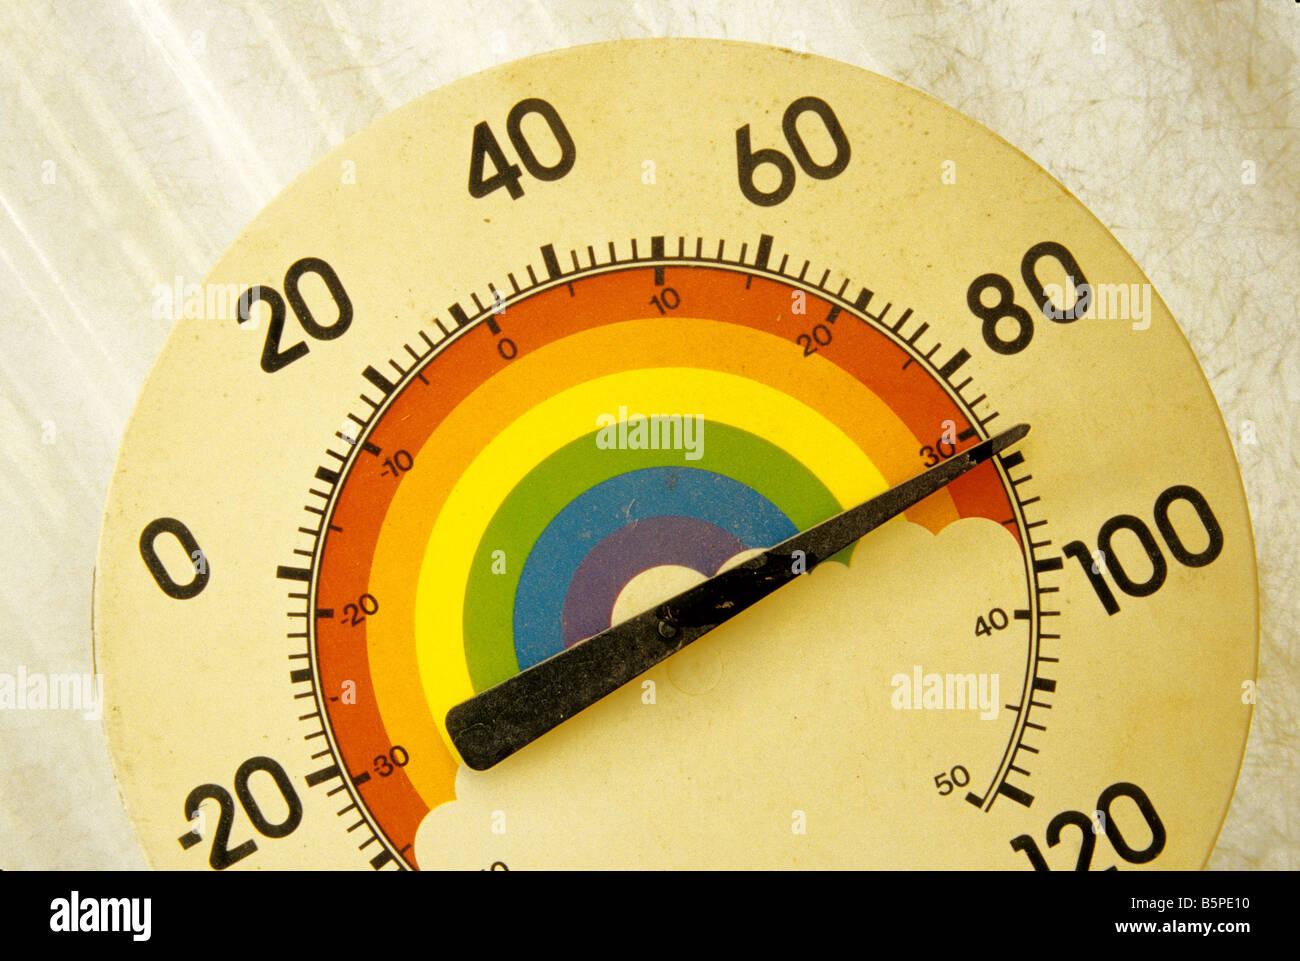 Colorful temperature gauge, fahrenheit & celsius. - Stock Image